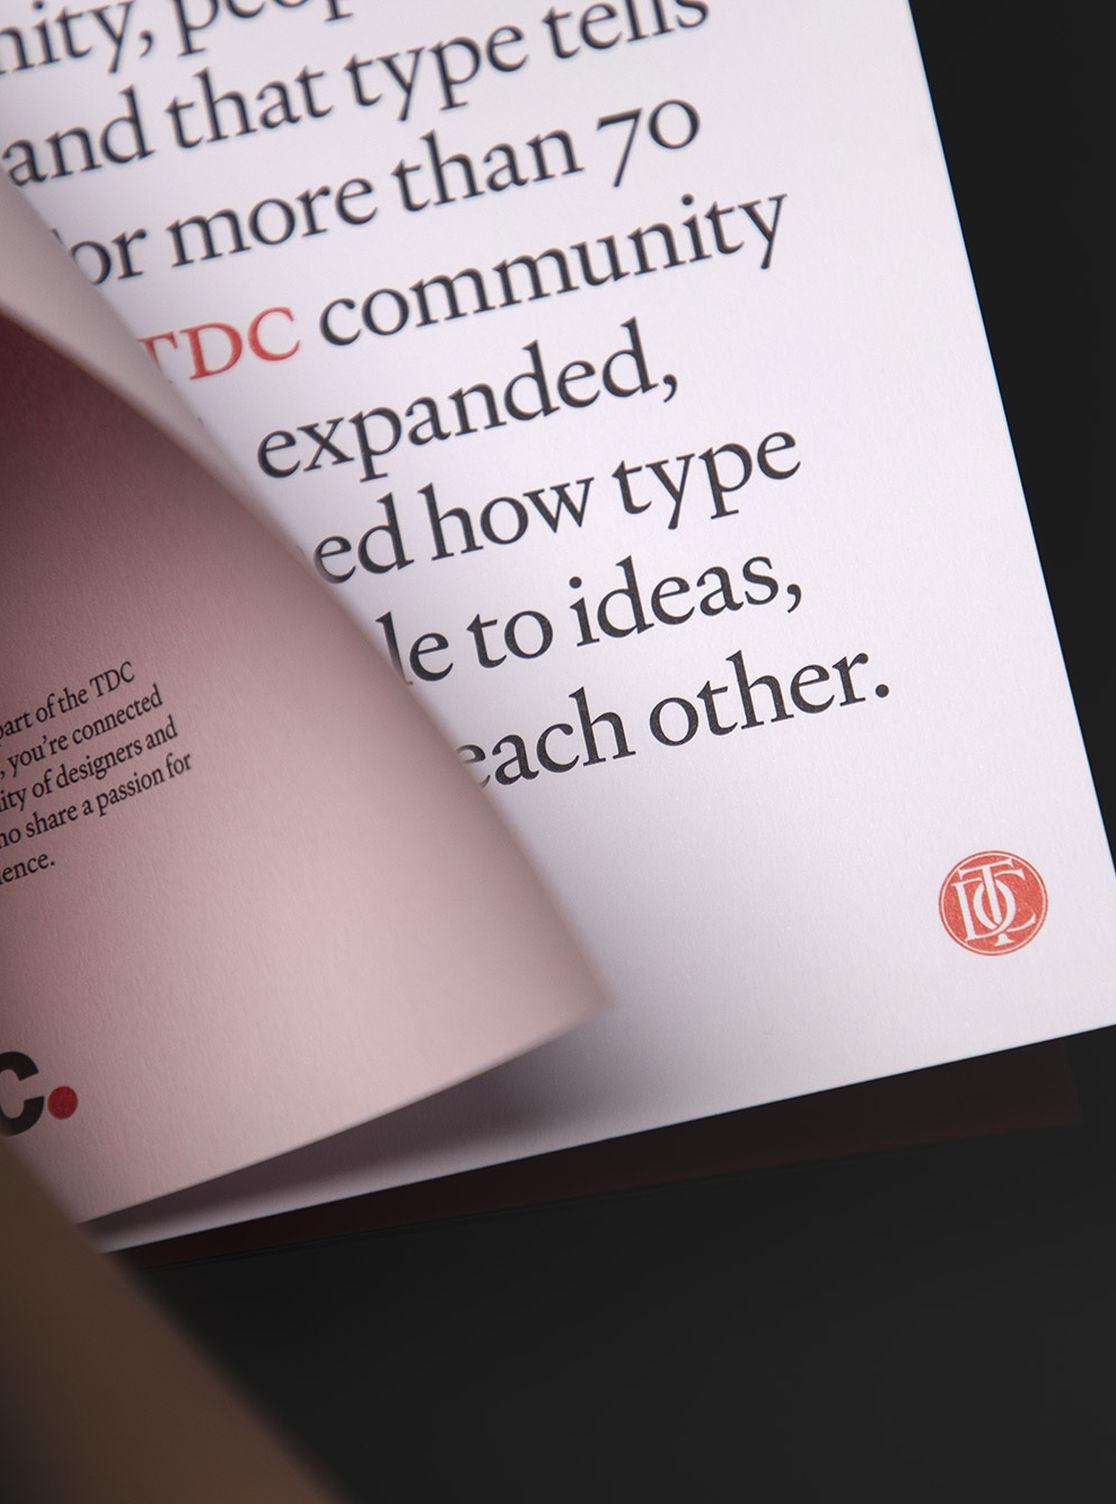 TDC Booklet 6